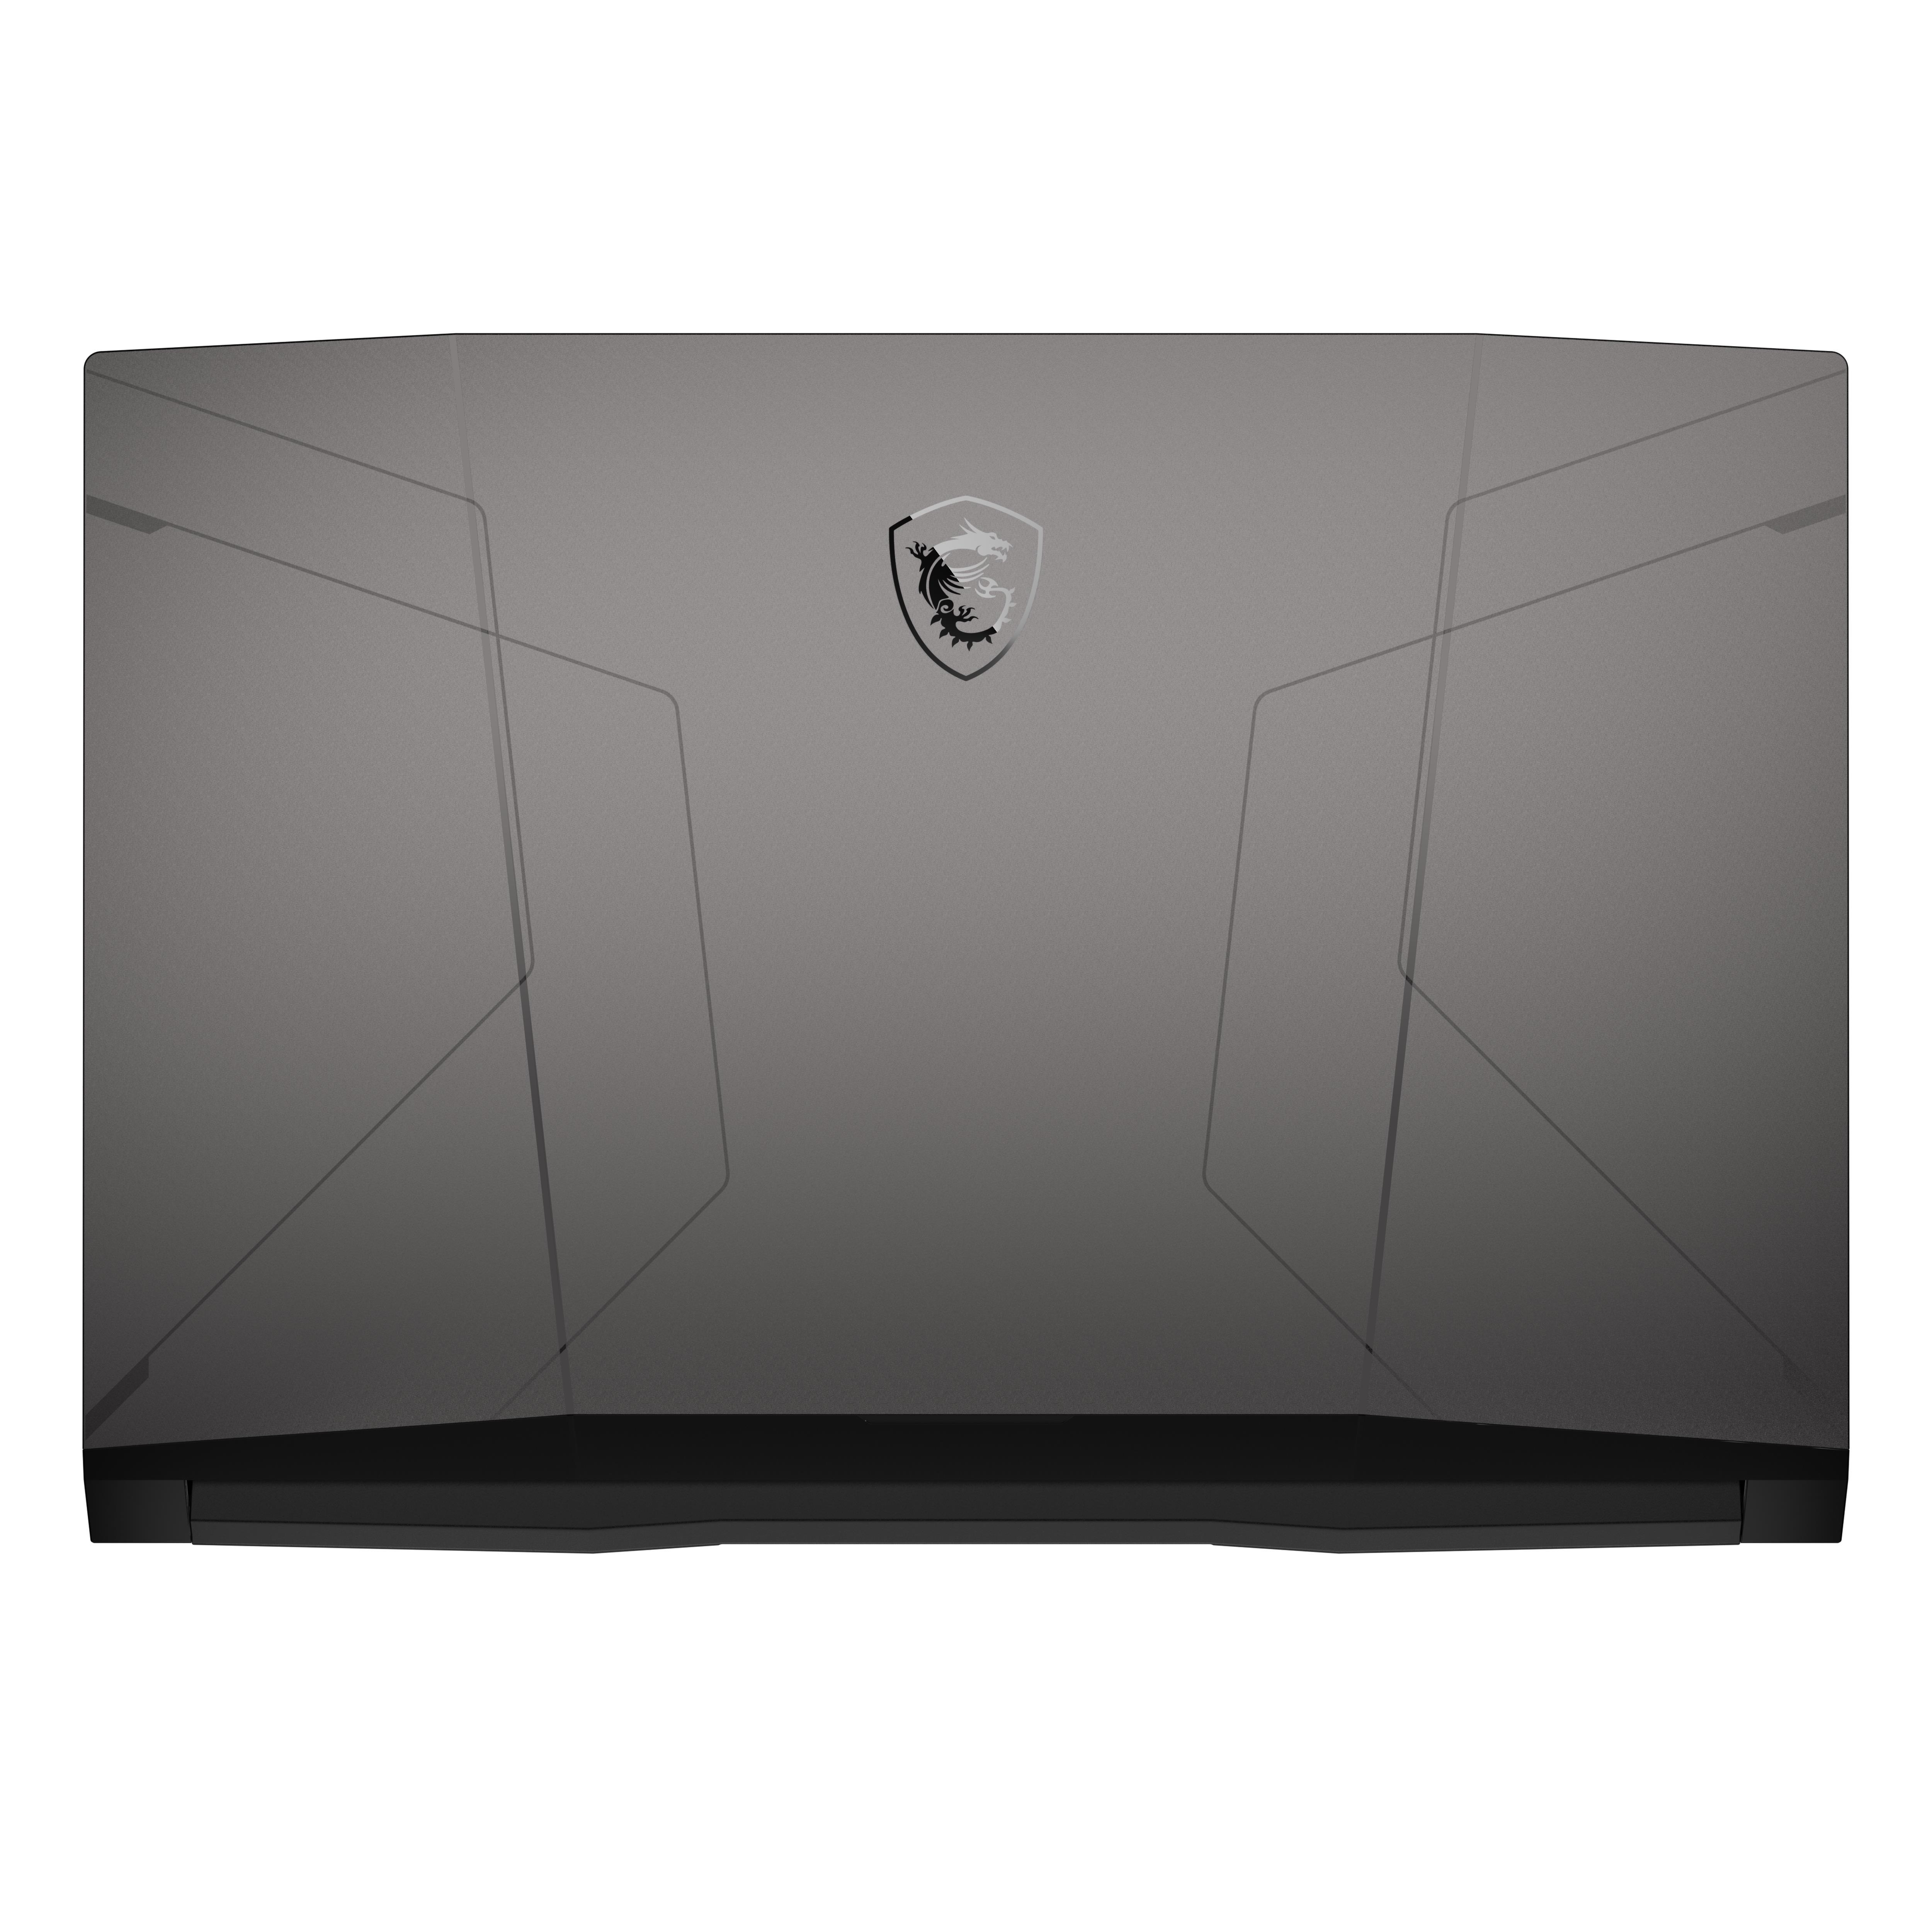 Portatīvais dators Pulse GL76 11UDK, MSI